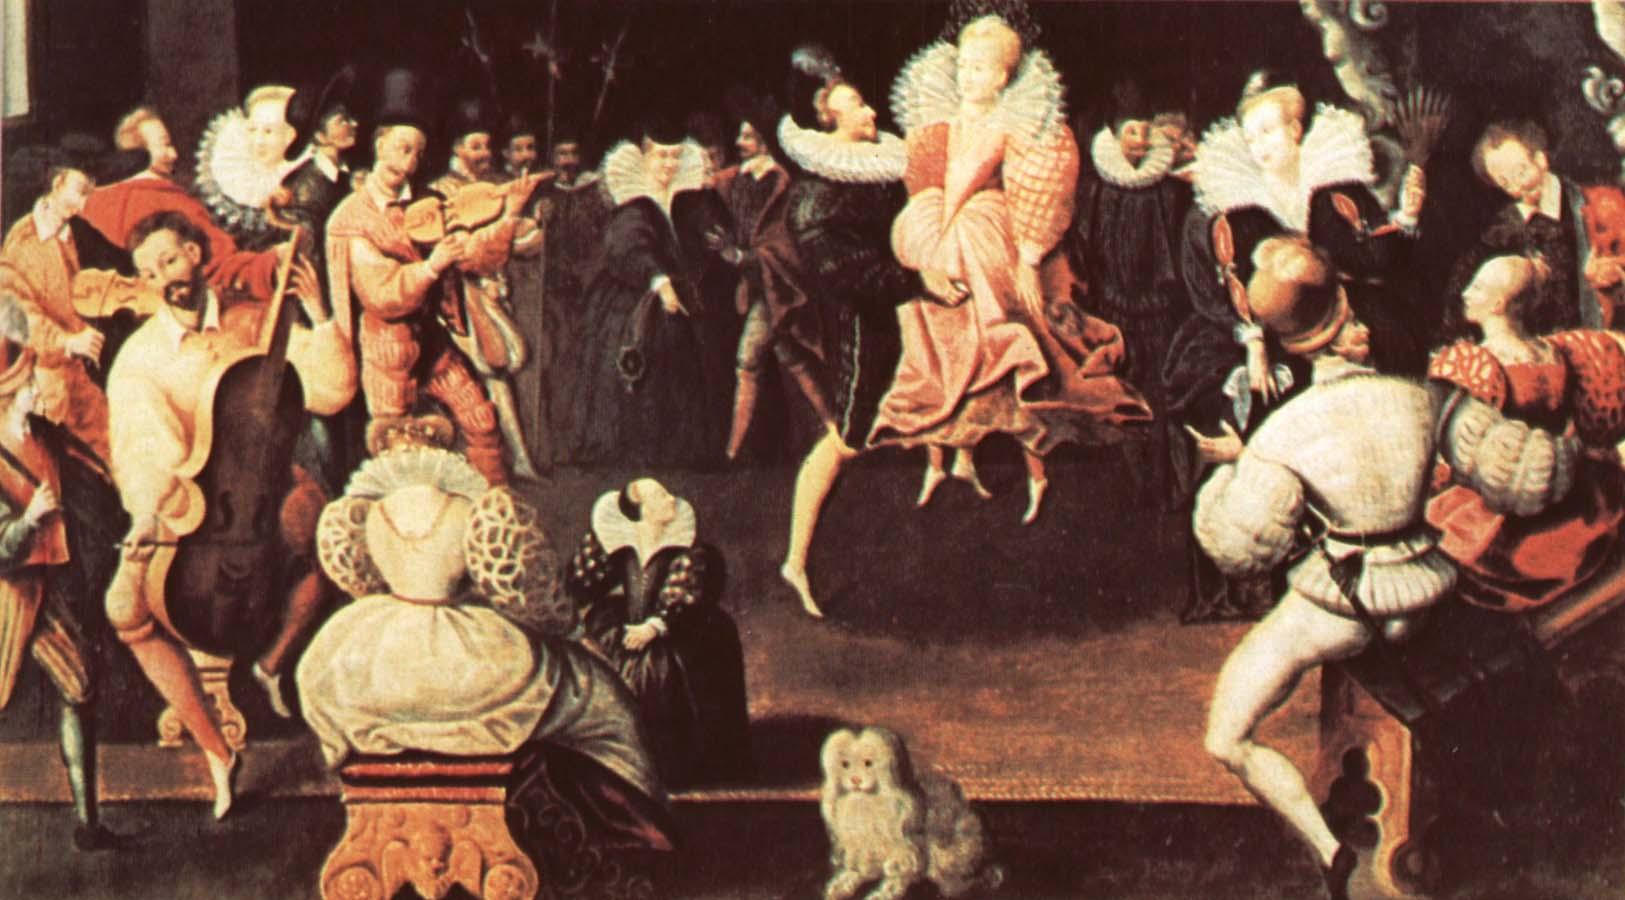 robert_dudley_elizabeth_dancing2.jpg